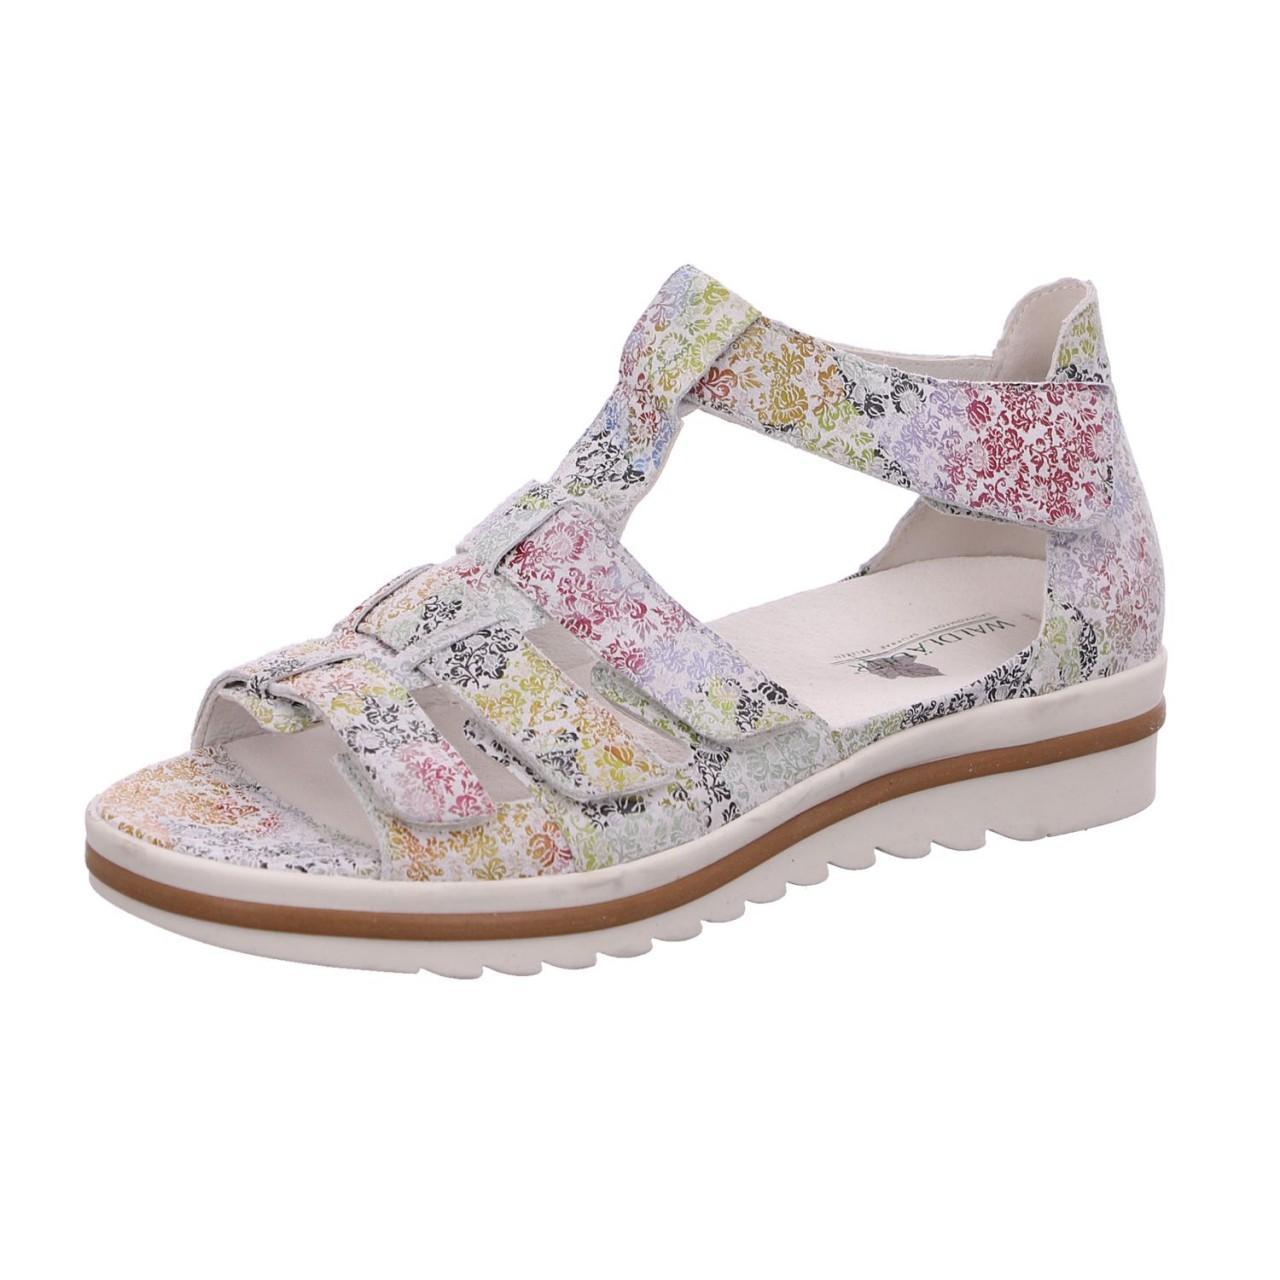 5d1e15497ea Waldläufer Wo Comfort Sandals W bunt B - Lyst